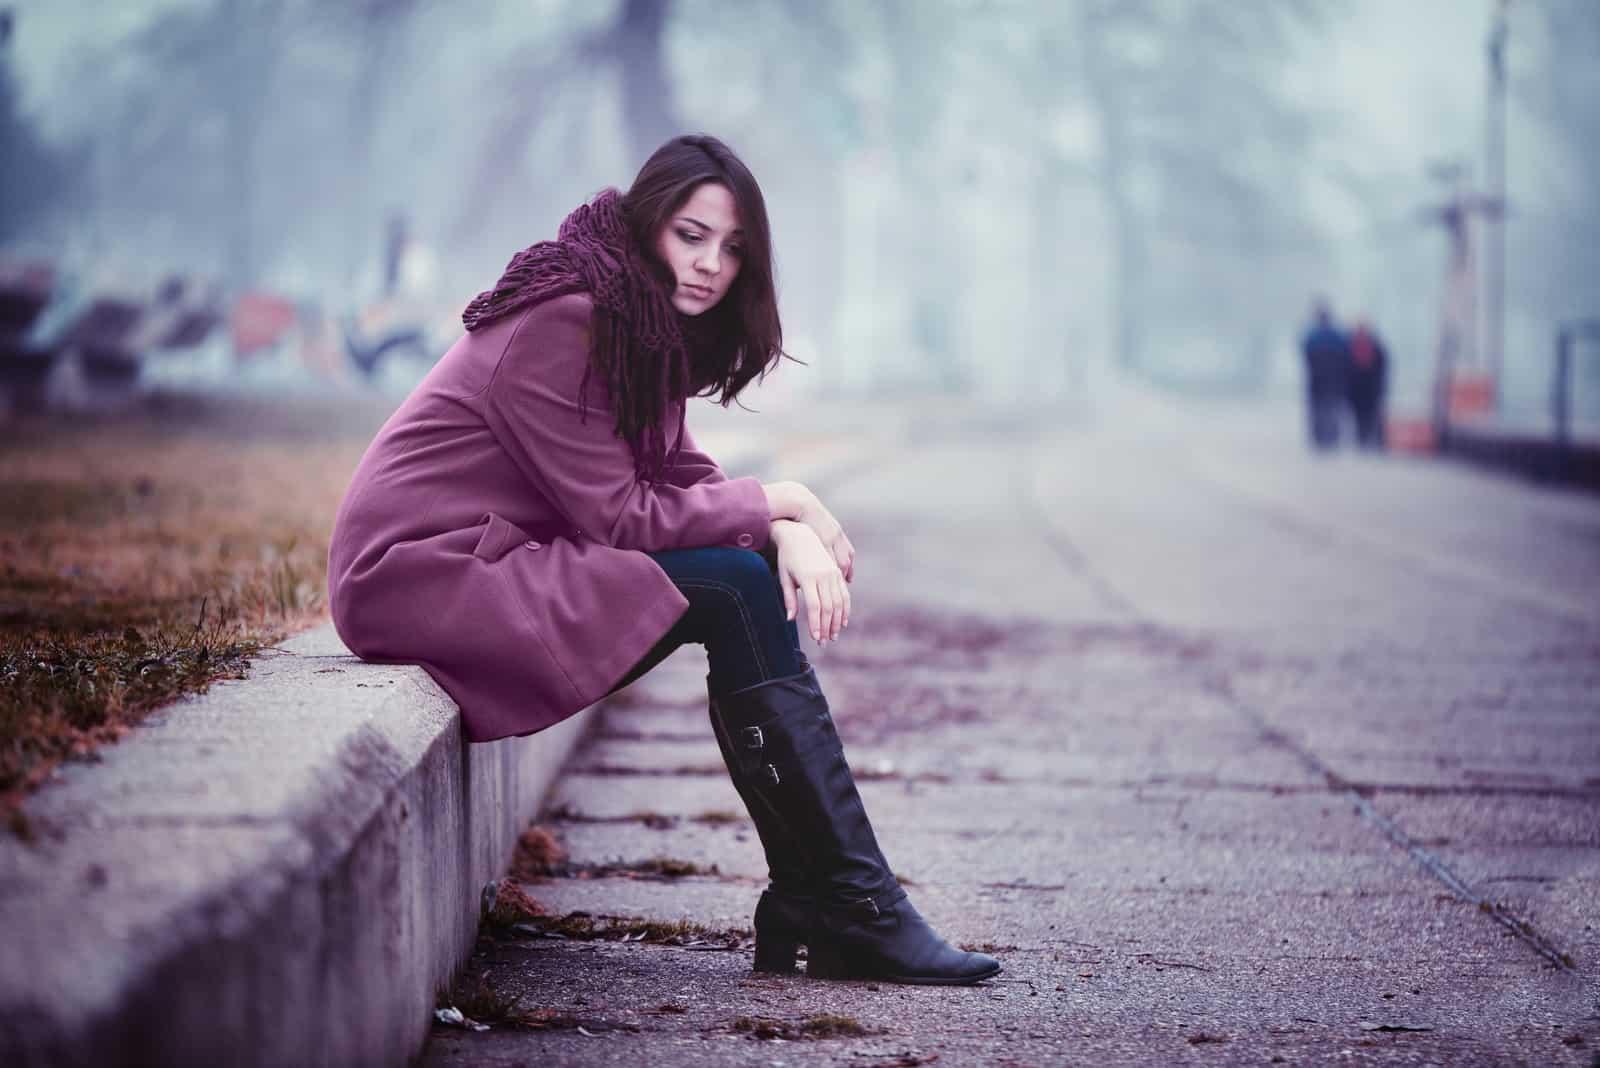 kvinde sidder alene udendørs